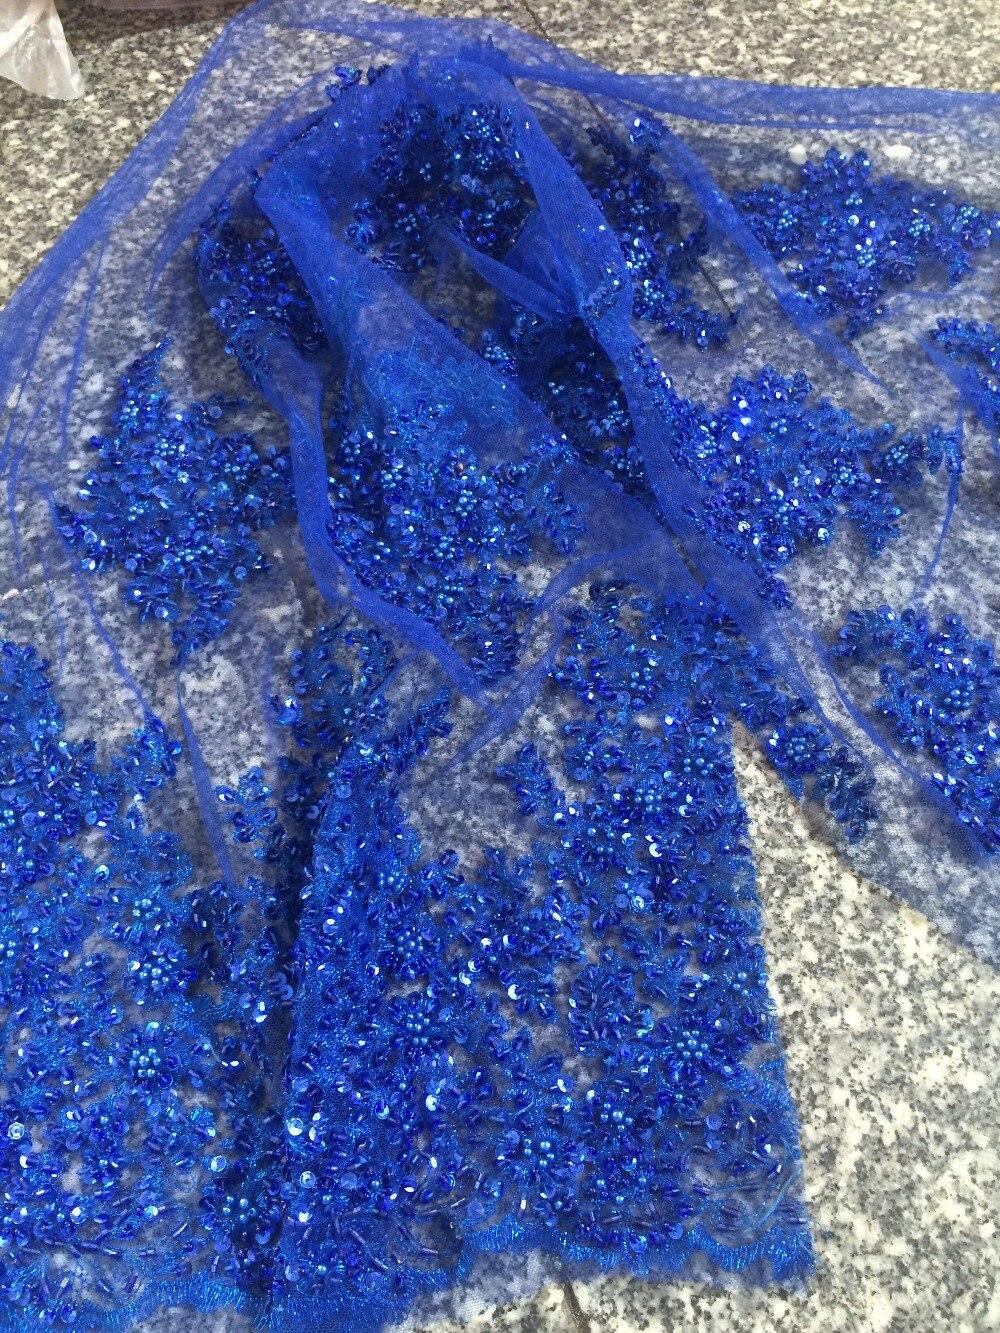 Tissu de dentelle africaine de luxe Z-han32126 avec perles de verre joli français Guipure tulle dentelle tissu de haute qualité - 5